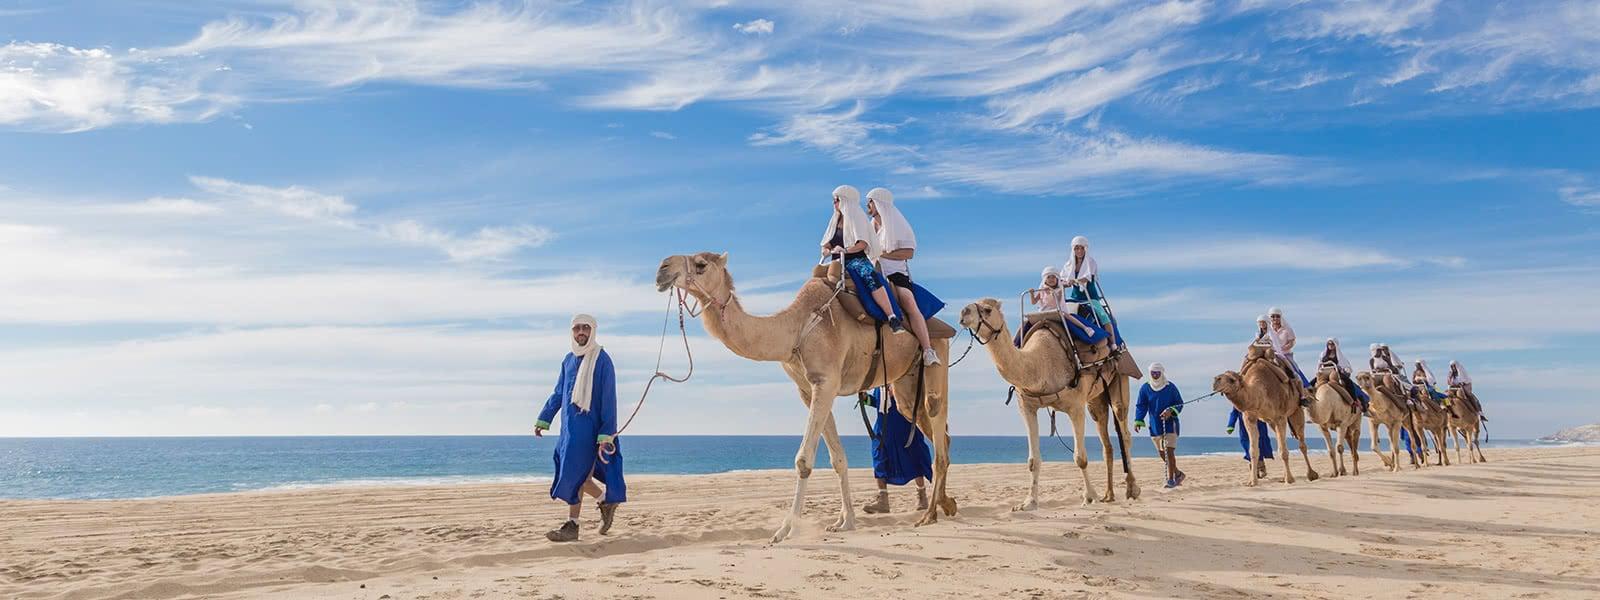 CamelSafari.jpg